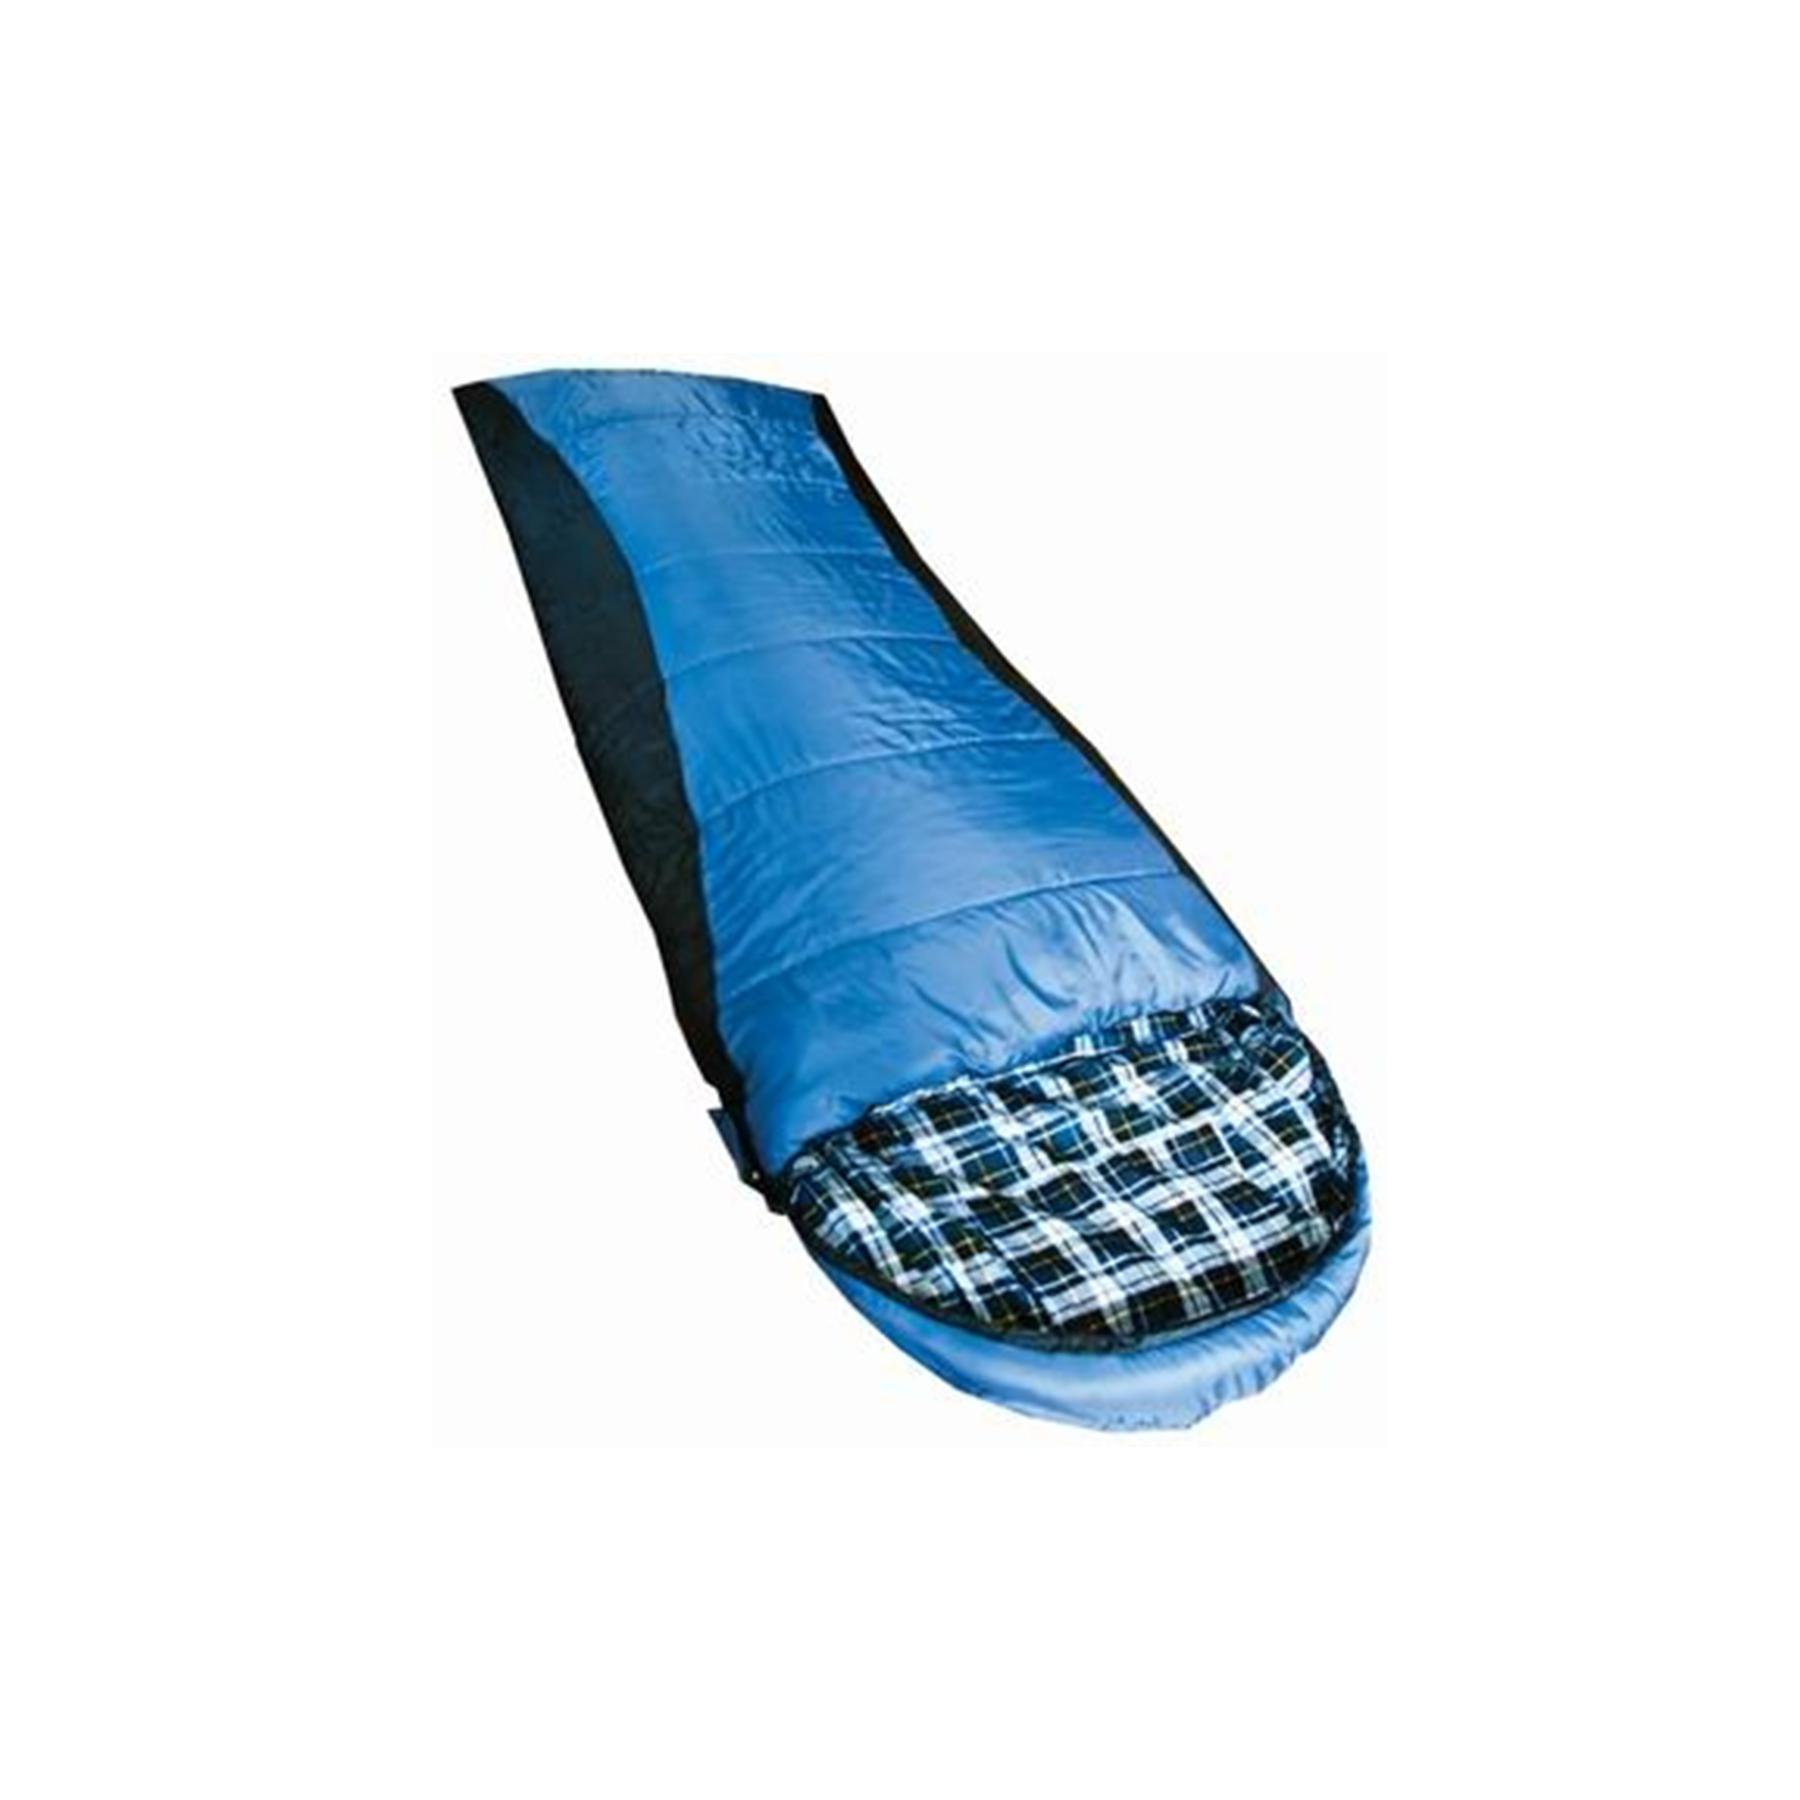 Спальник-одеяло Tramp Nightking 190+40*90см Hollofiber синий TRS-013.06 (-3/+13) правый R